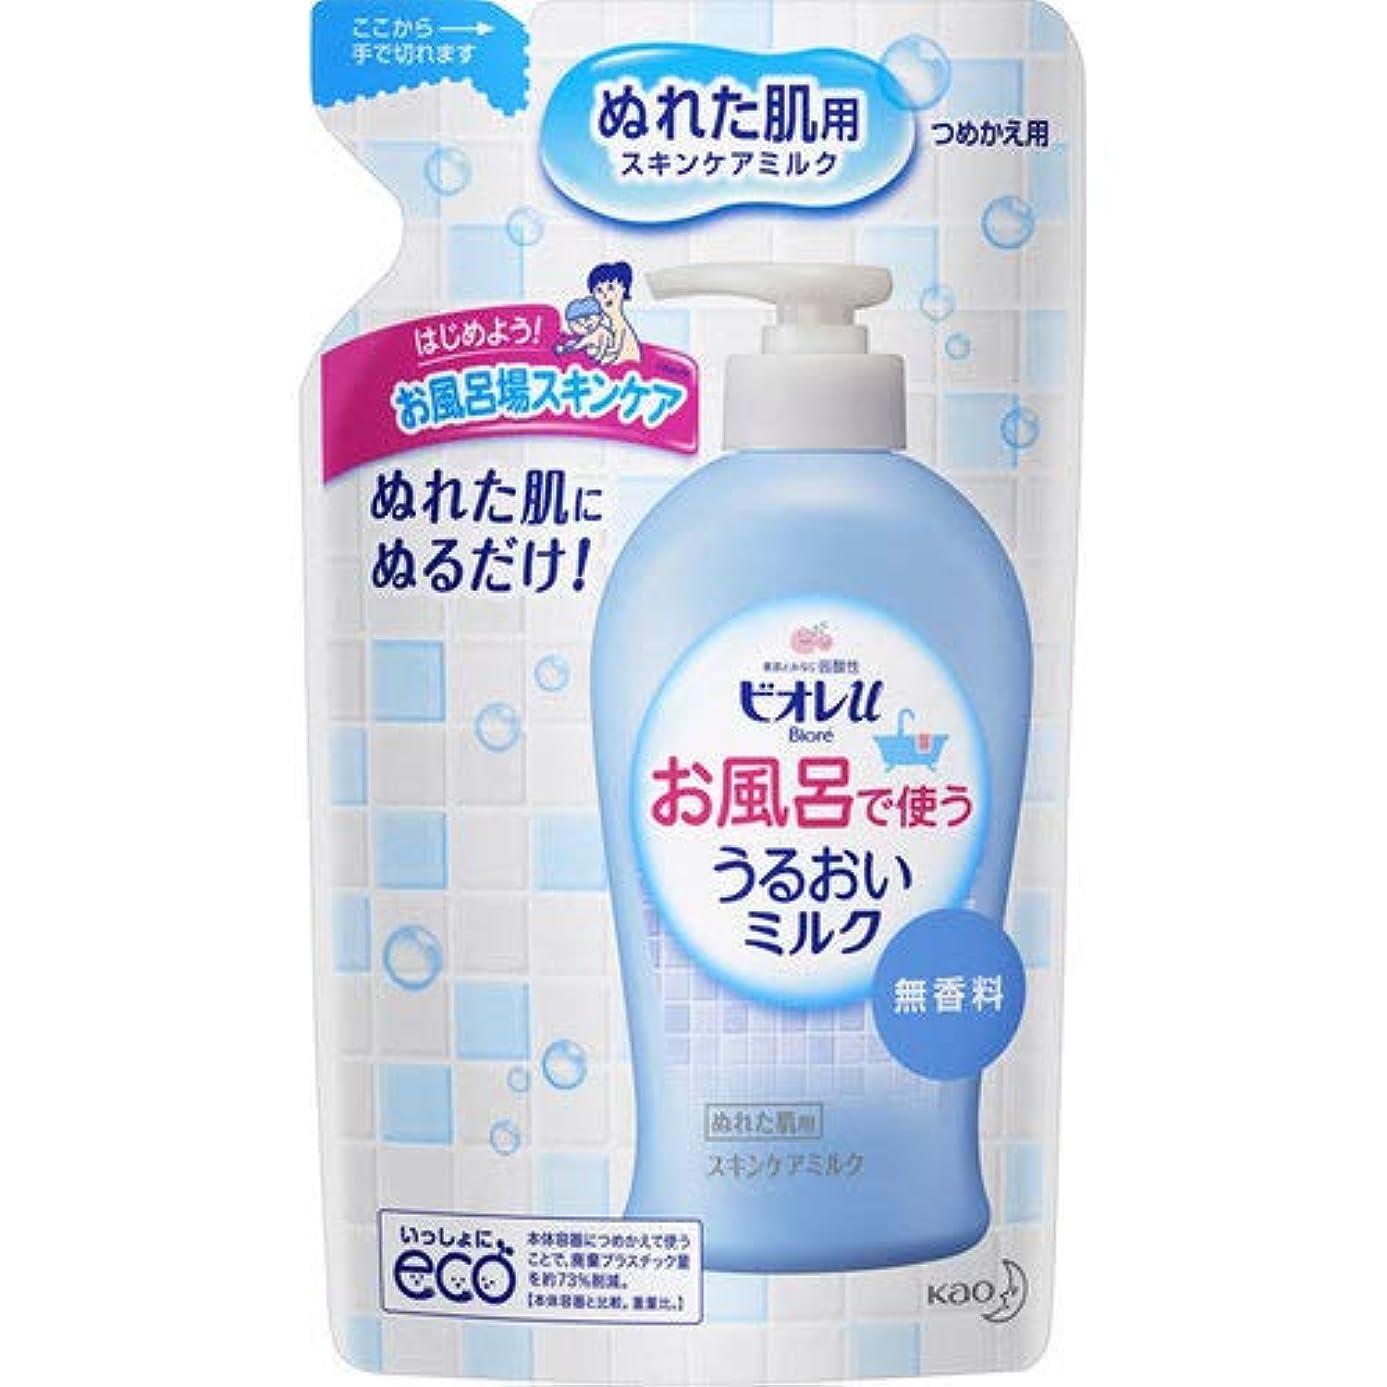 つまらないサポート命令ビオレu お風呂で使ううるおいミルク 無香料 つめかえ用 250mL